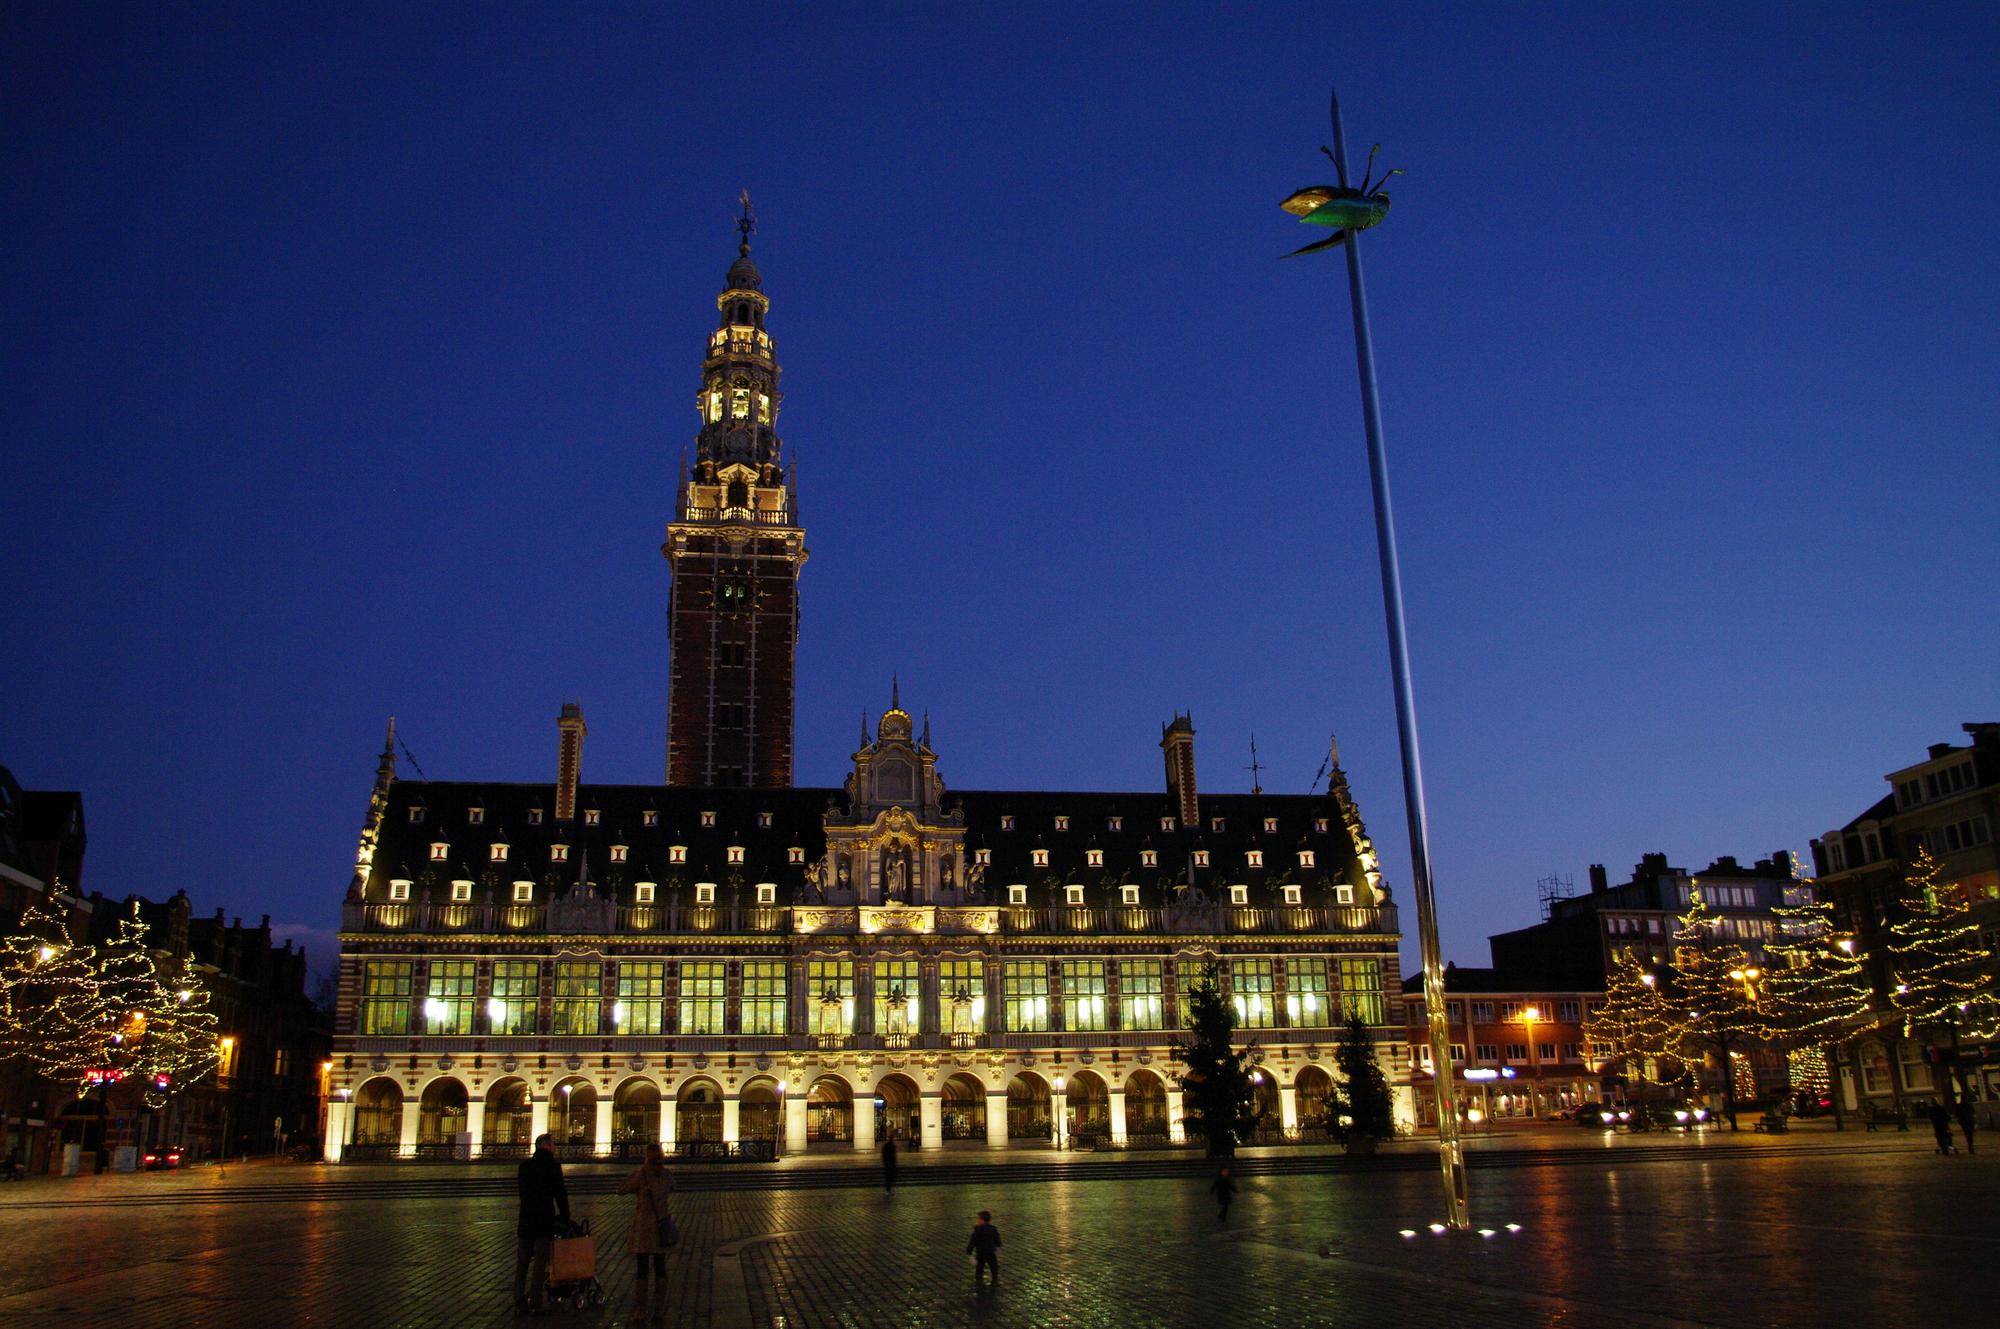 دانشگاه های مورد تایید وزارت علوم در بلژیک  سپتامبر 2020